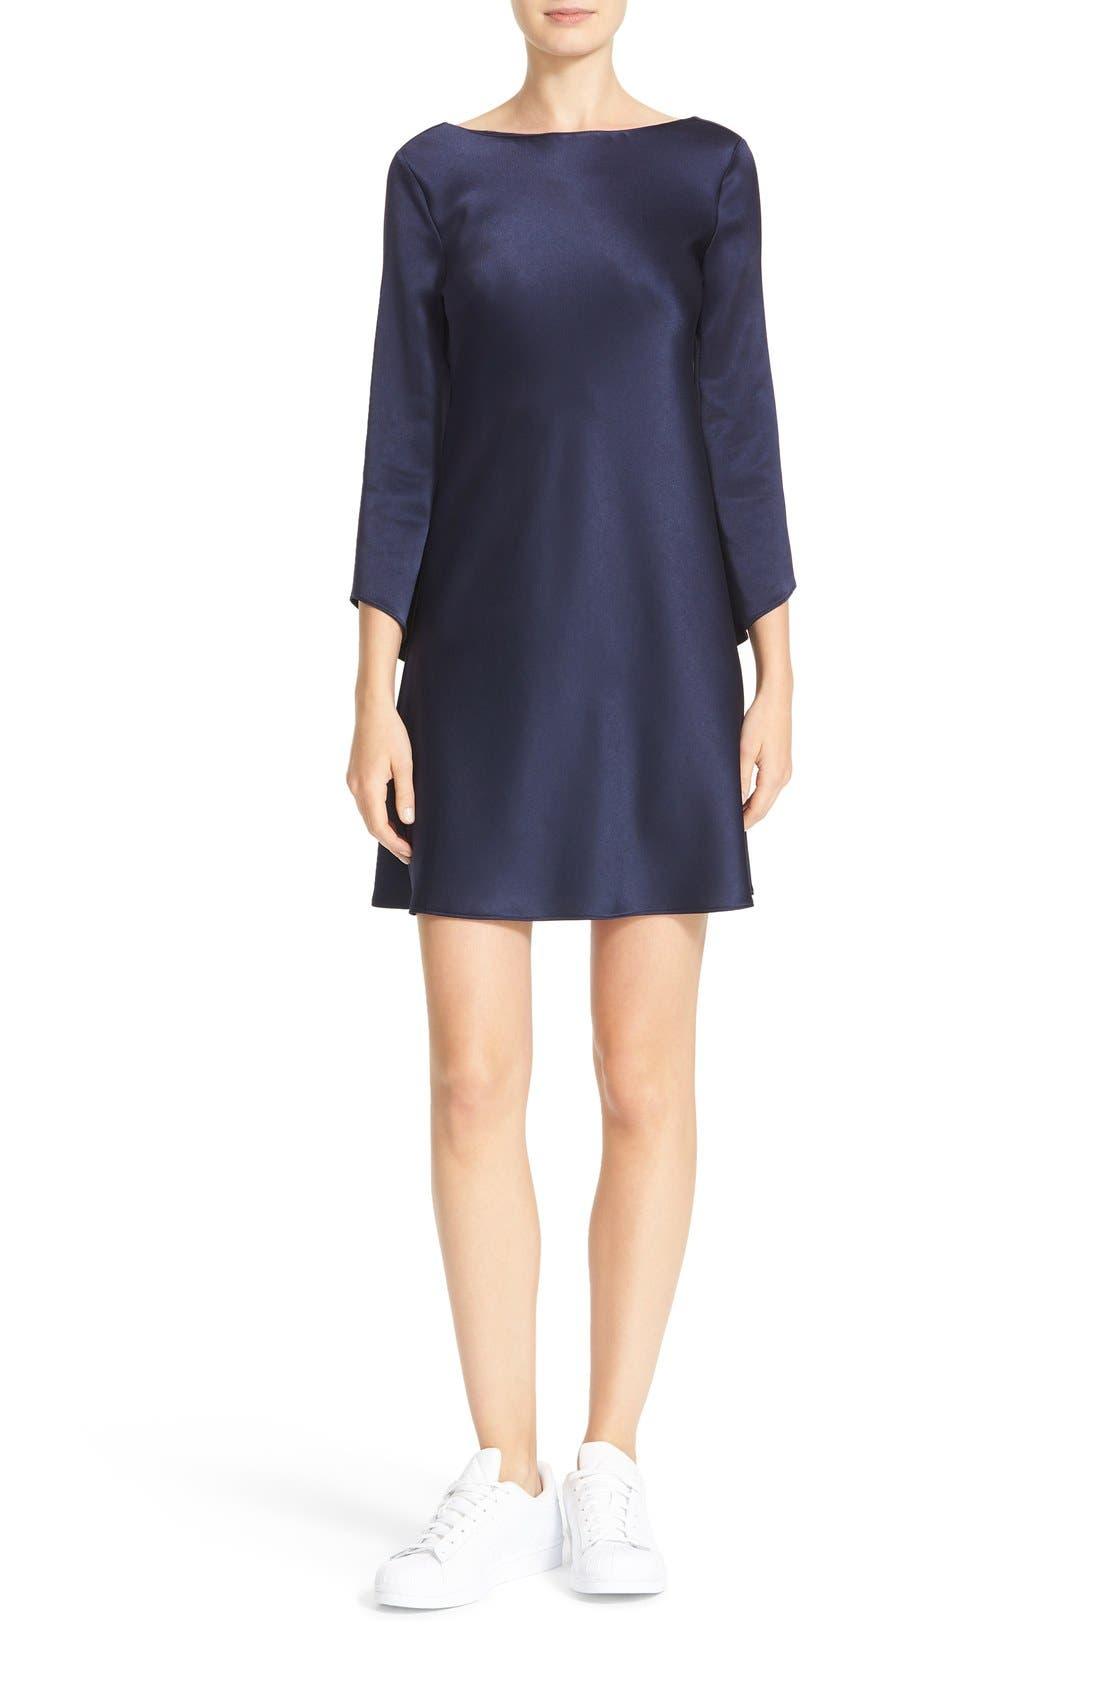 Alternate Image 1 Selected - Diane von Furstenberg Korrey Shift Dress